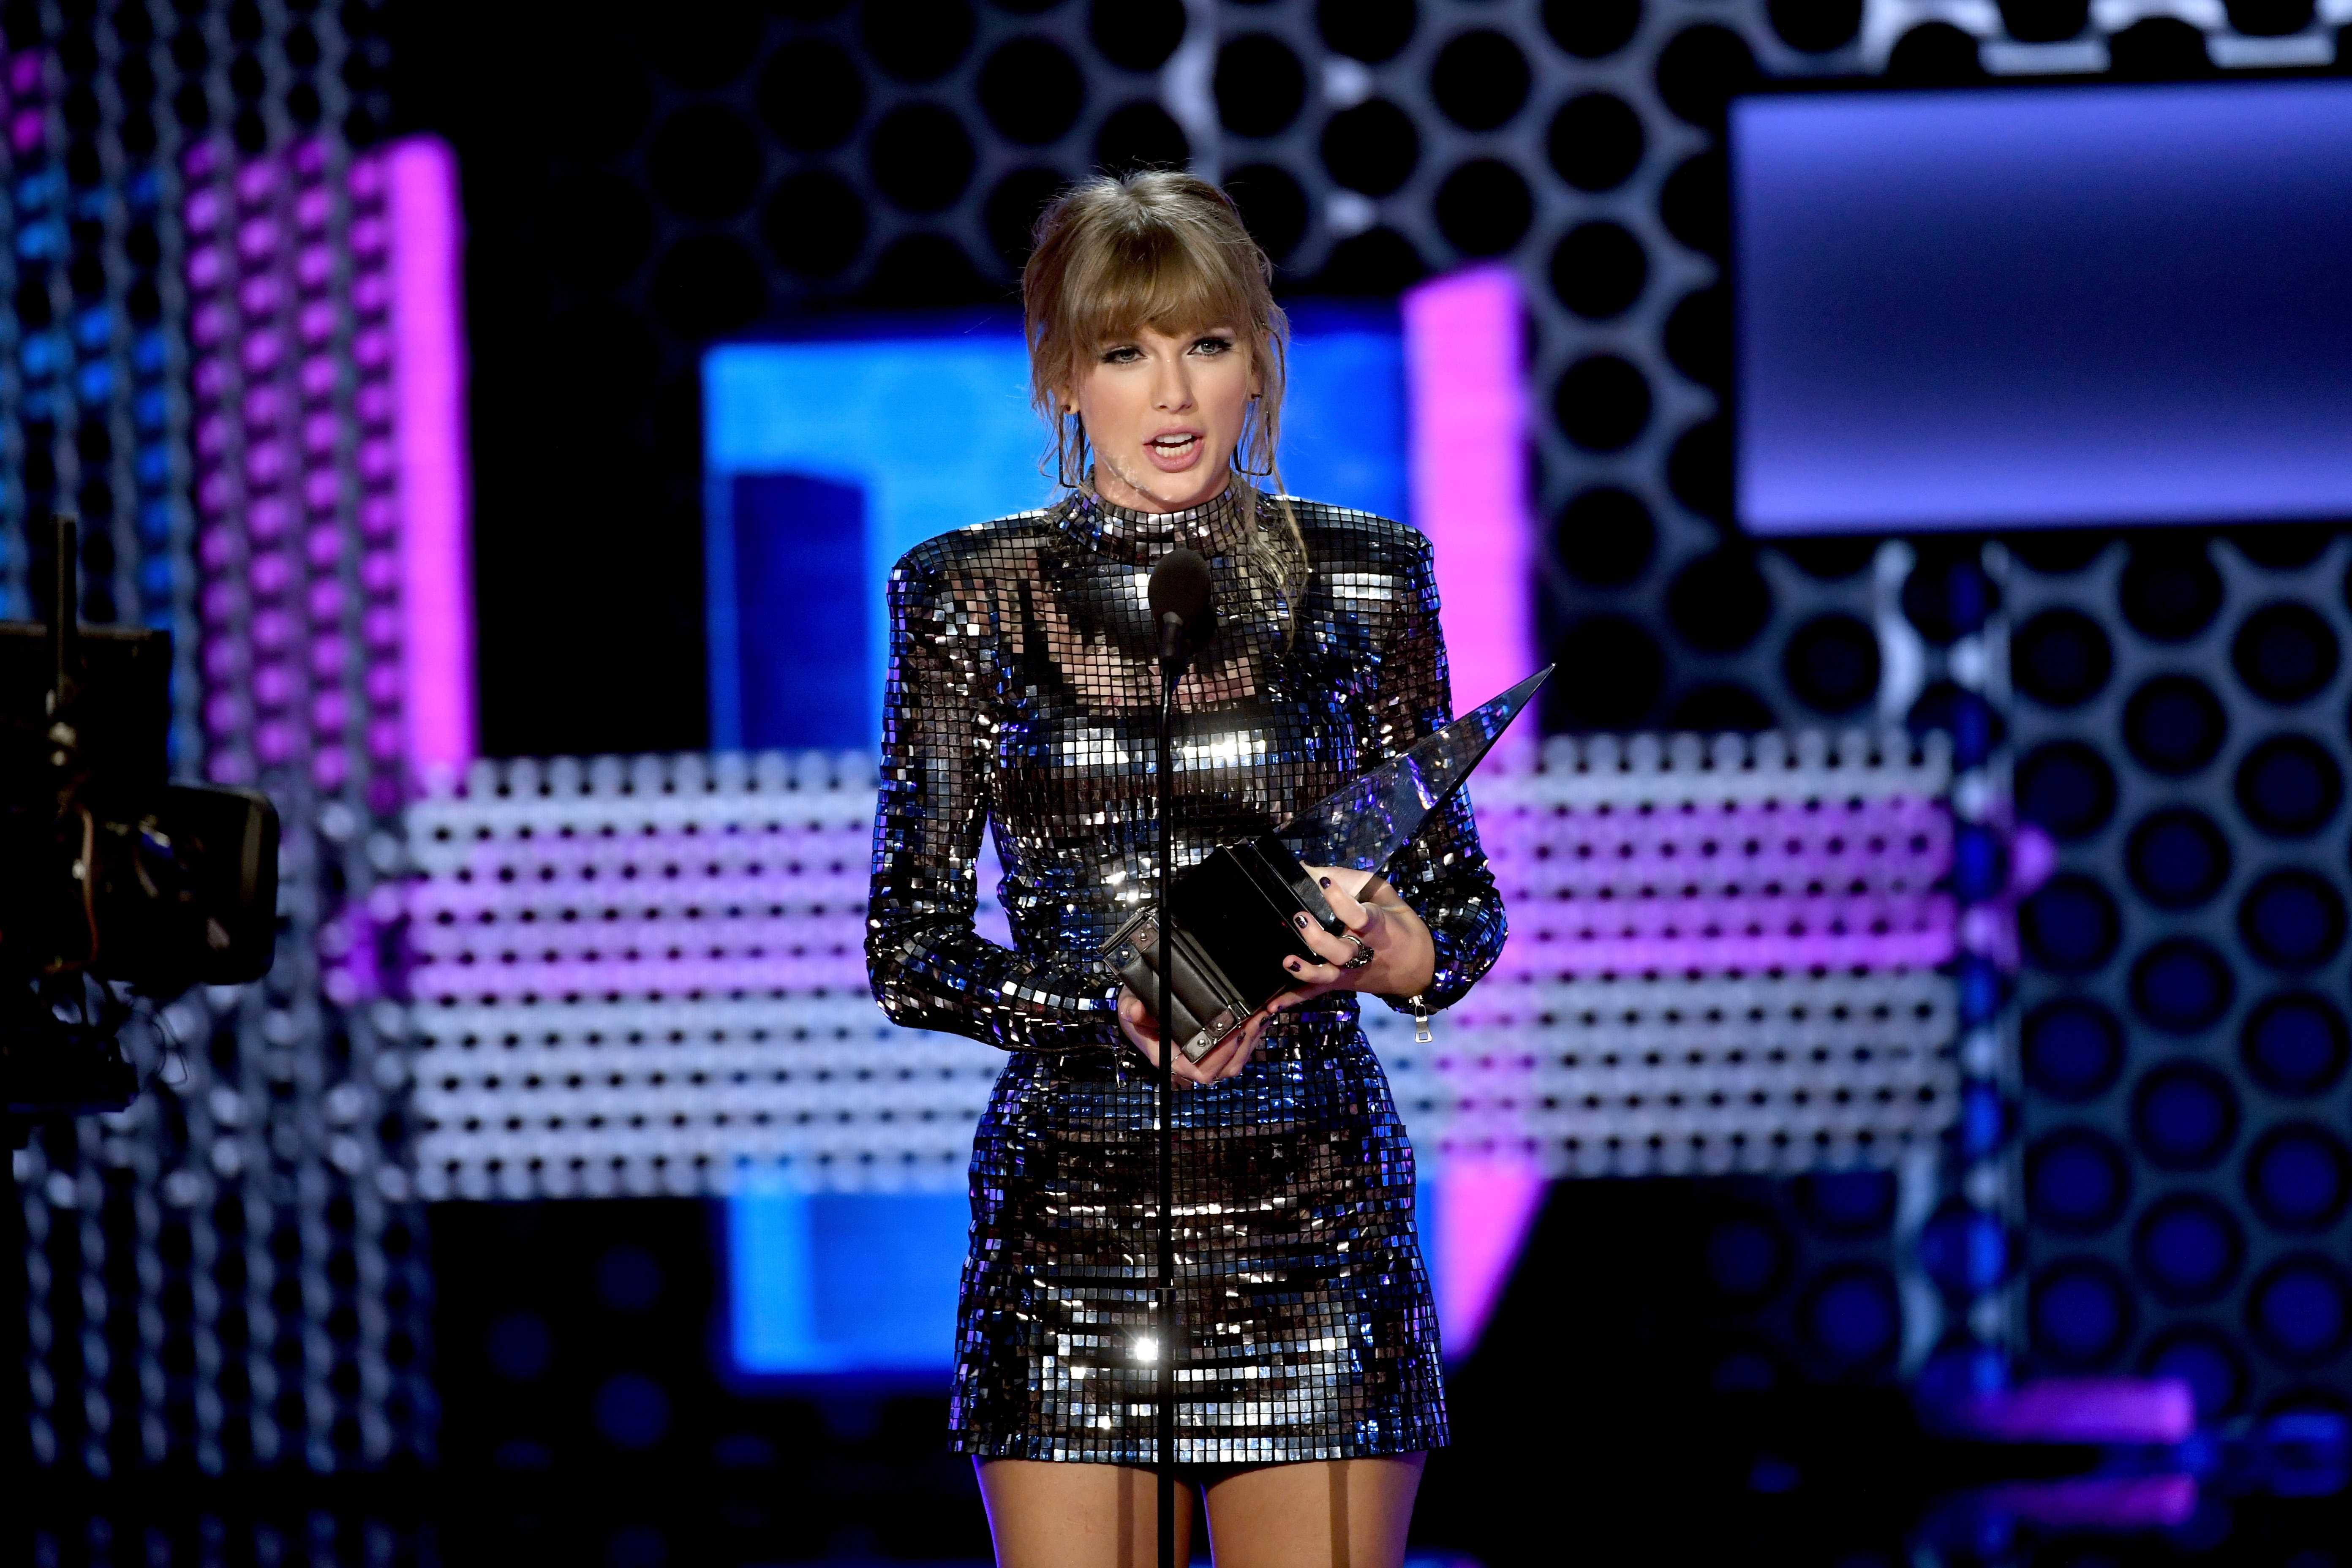 Taylor Swift recibe premio en los AMA's 2018 e invita a votar legislativas de EE.UU.